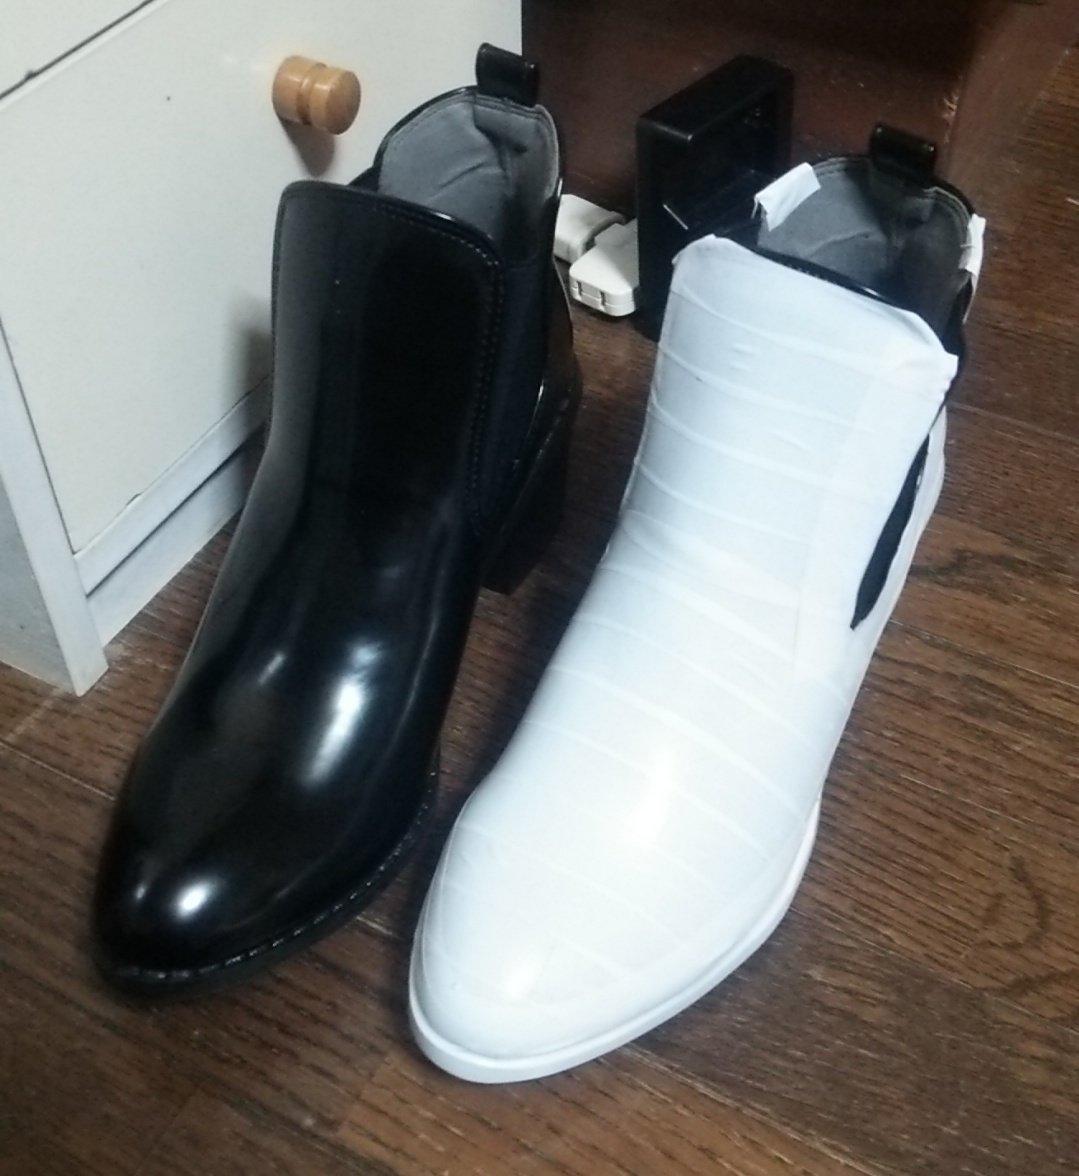 靴の色はビニールテープで変えられるよ! 黒⇒白も写真だと割と違和感ないです。 元が固めの靴なら、テープ剥がせばまた別の色にチェンジも普段履きの靴にするのも